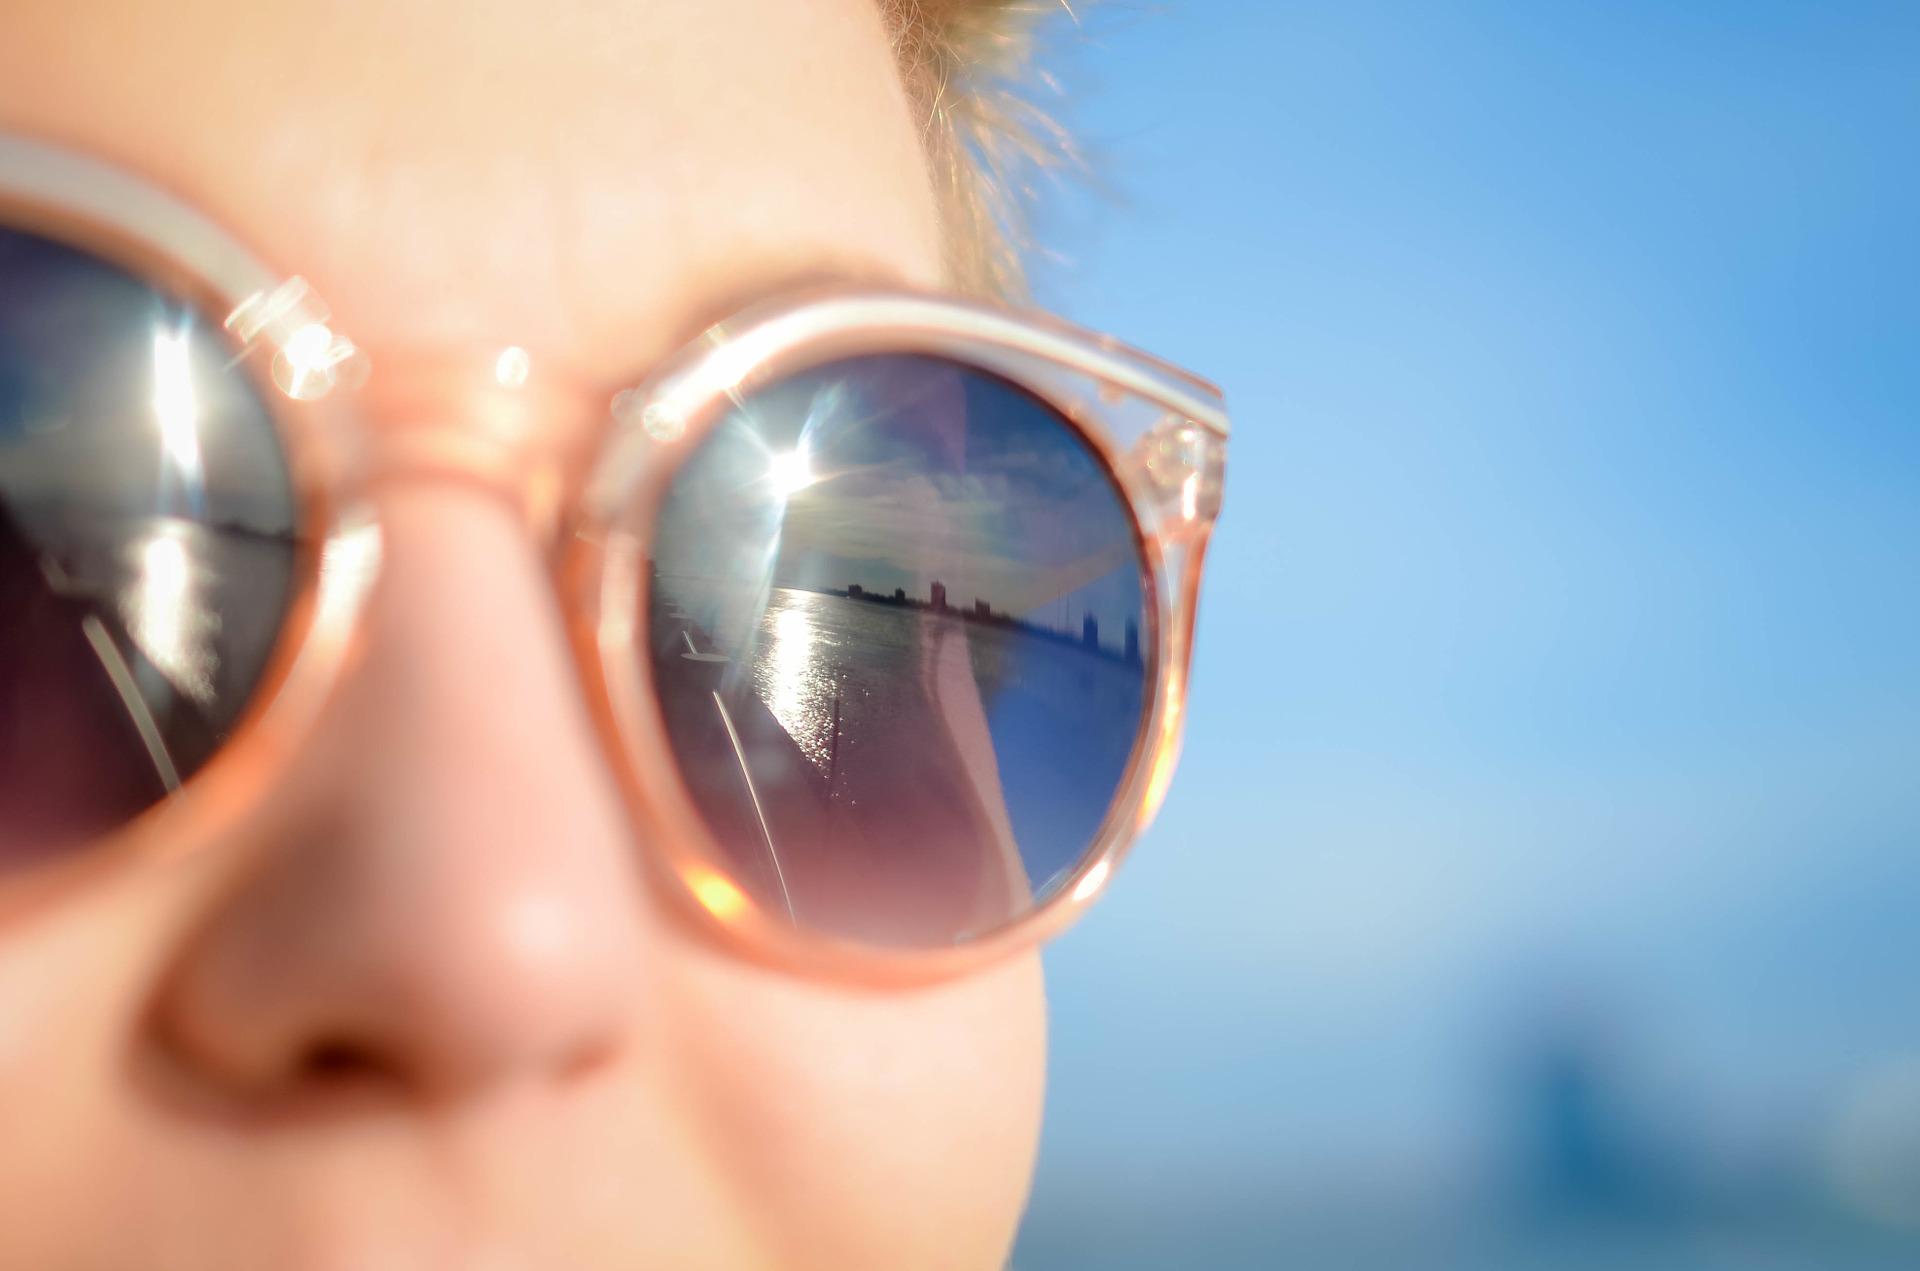 Cuando apliques tu crema solar, no puedes olvidarte de estas partes de tu cuerpo